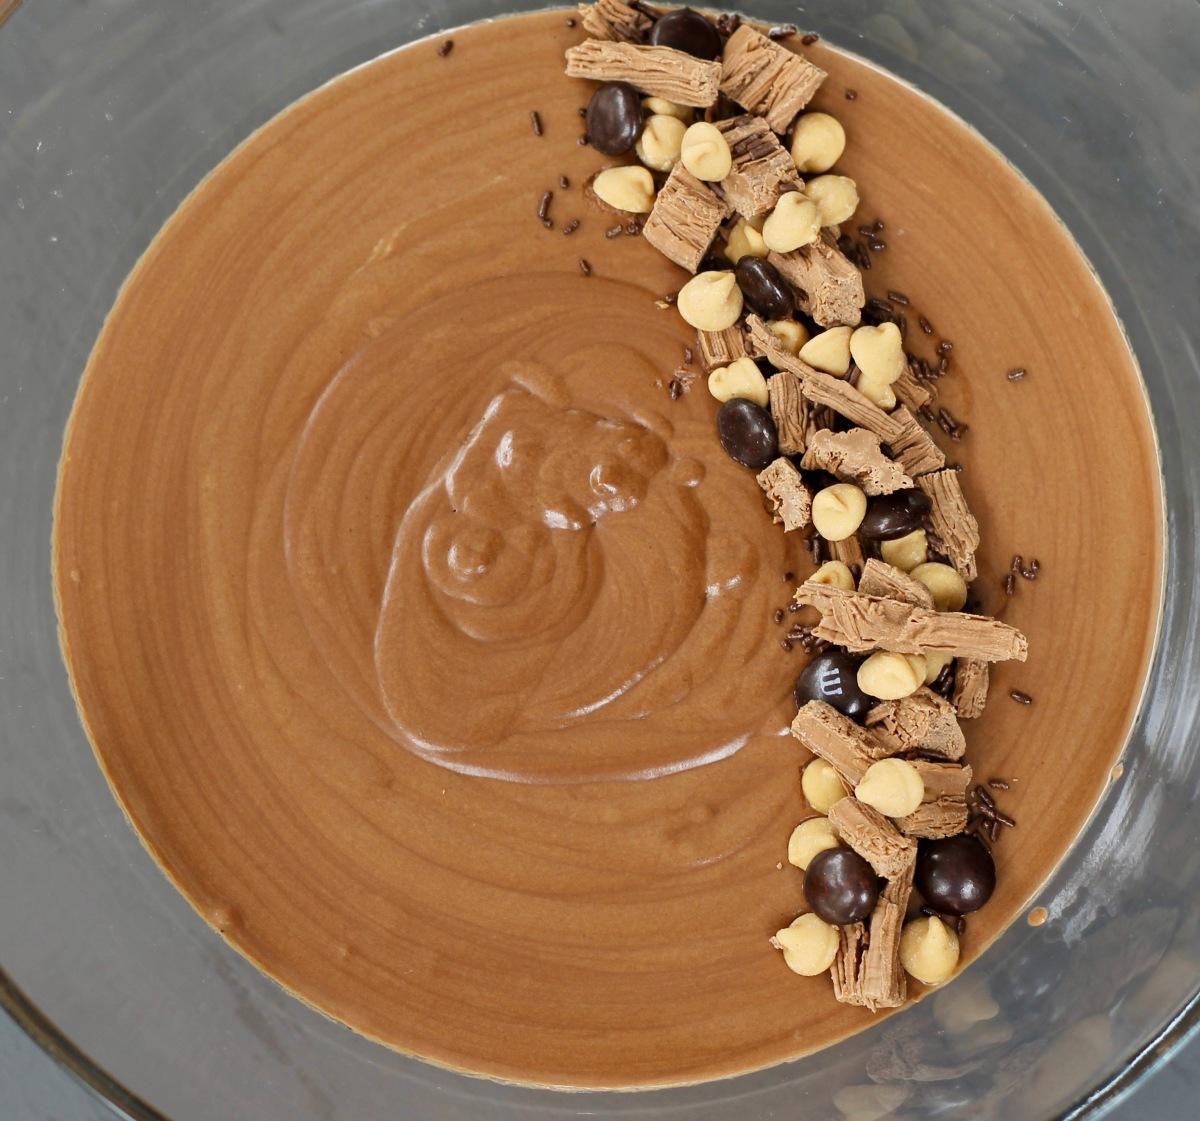 הפרוייקט של רביבה - מוס שוקולד קלאסי ואלוהי